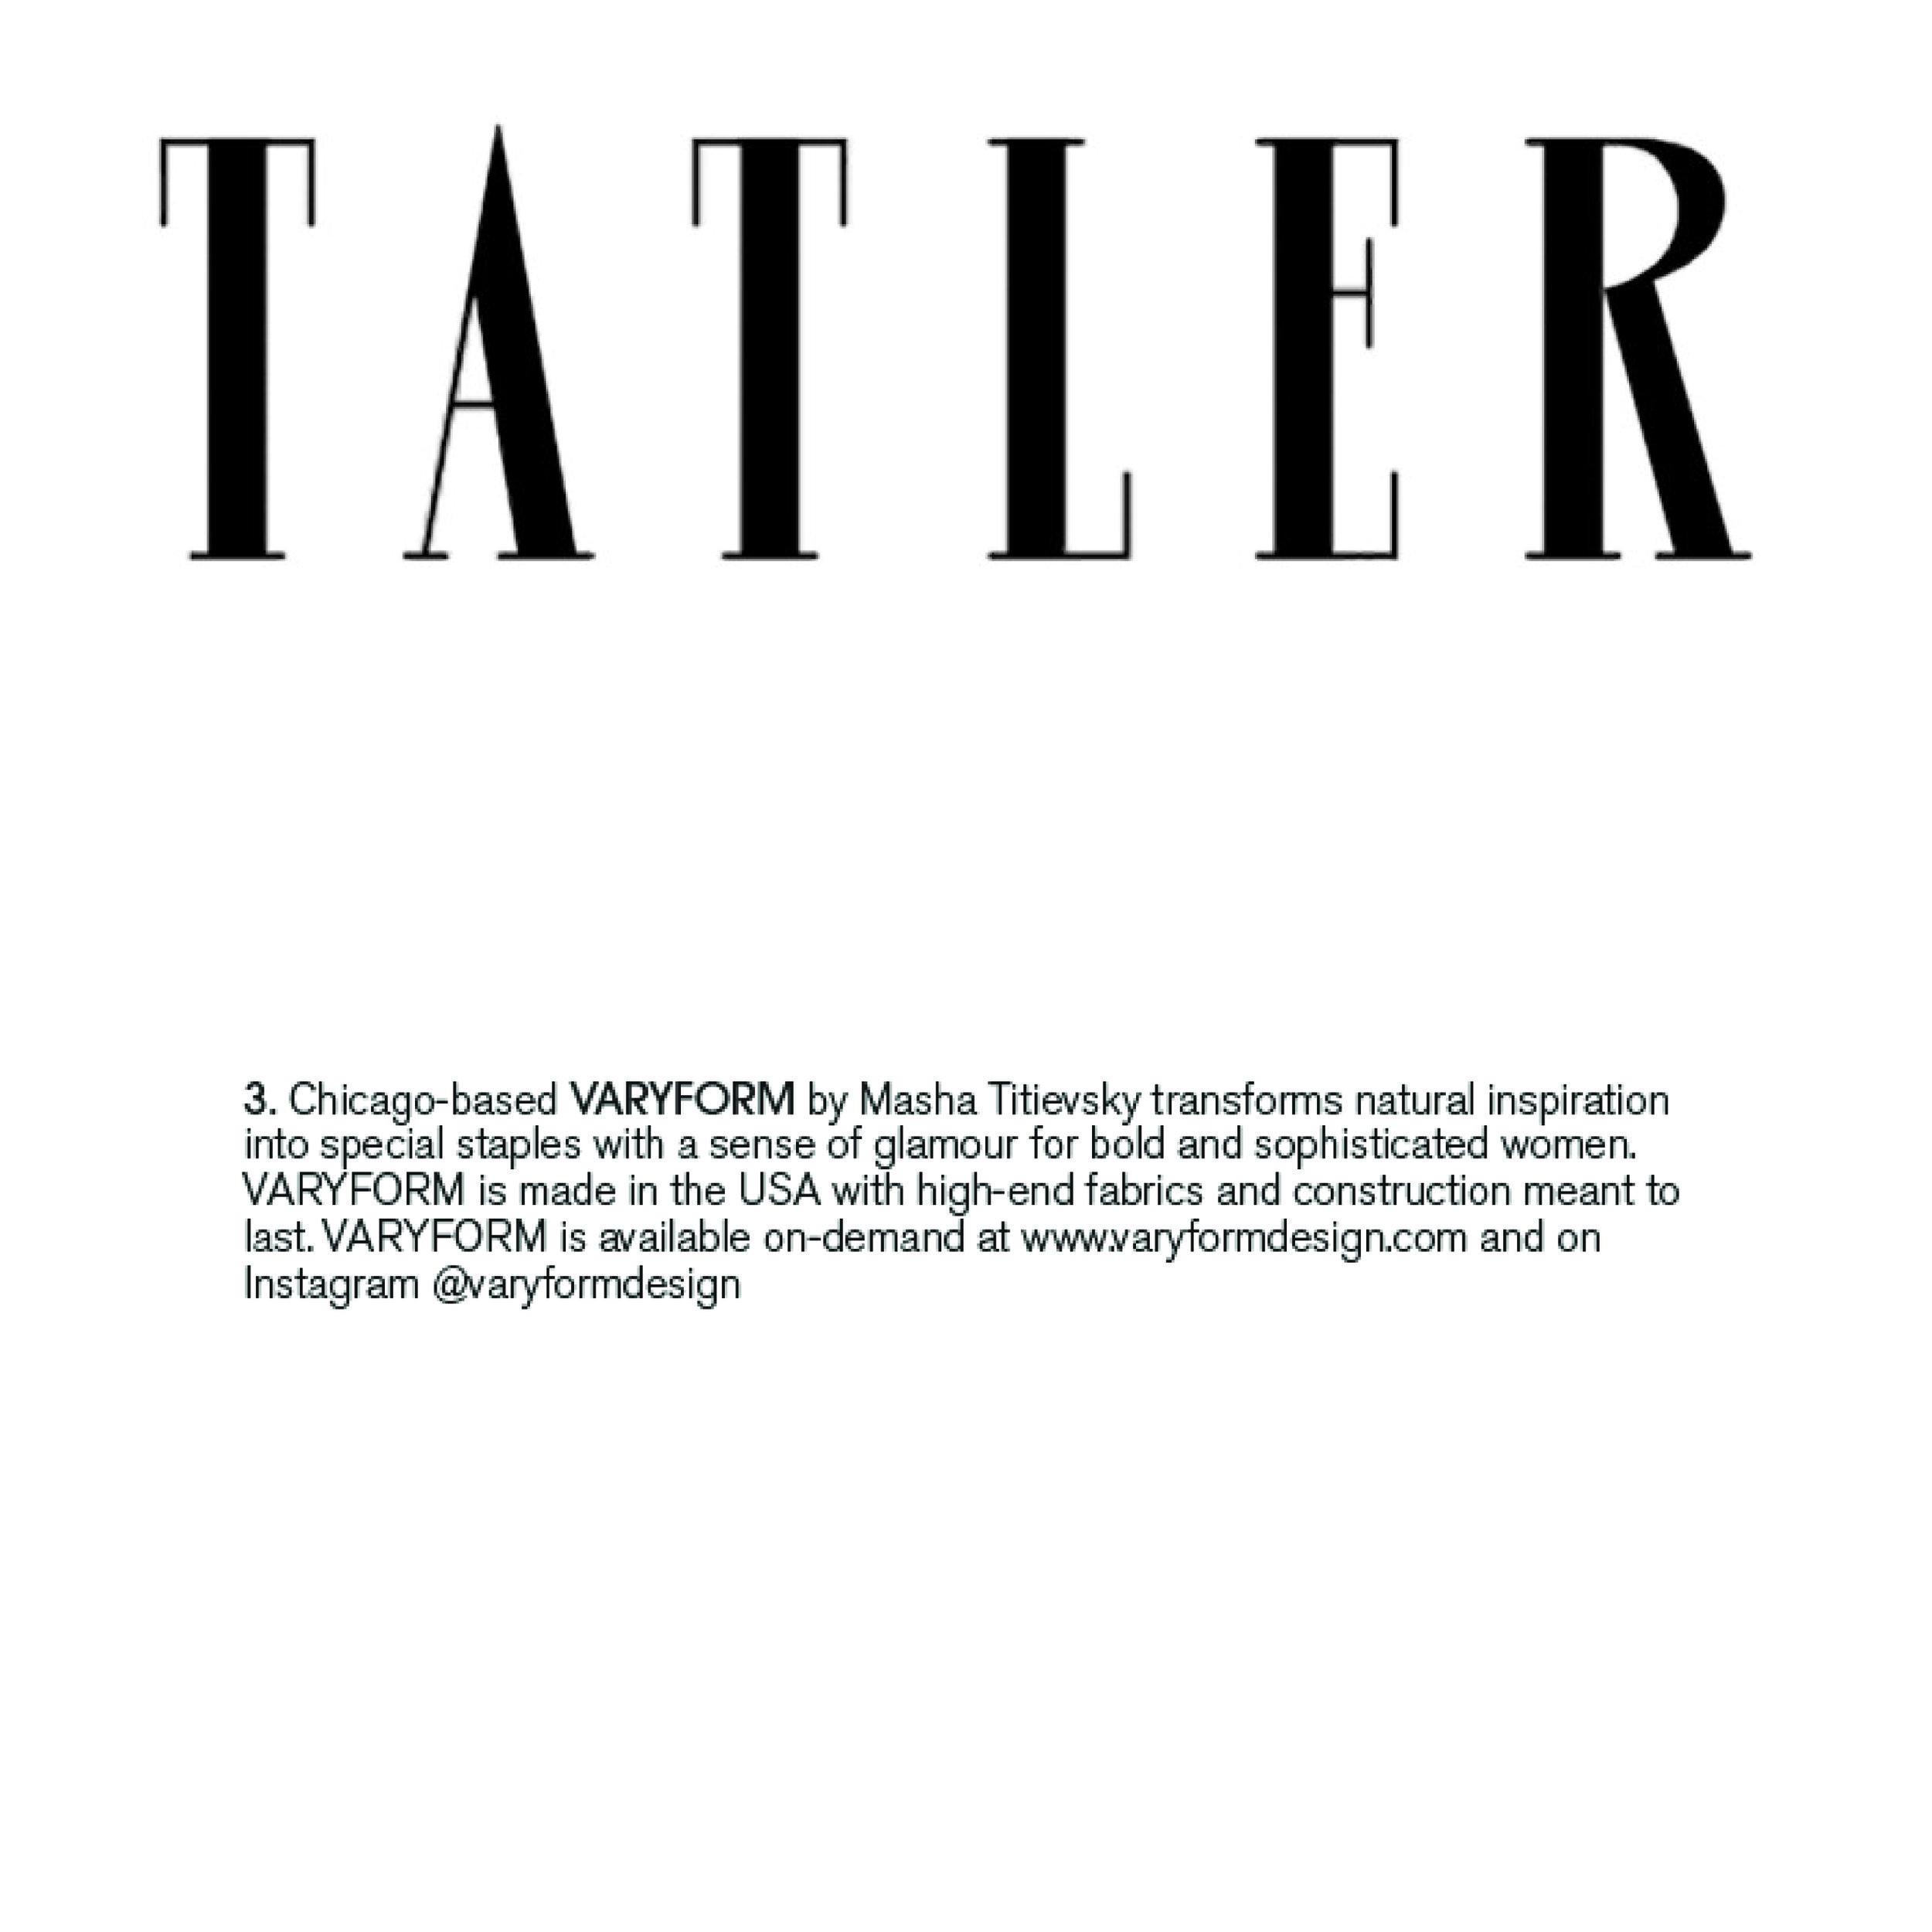 Tatler September 2018 Gallery Images-05.jpg